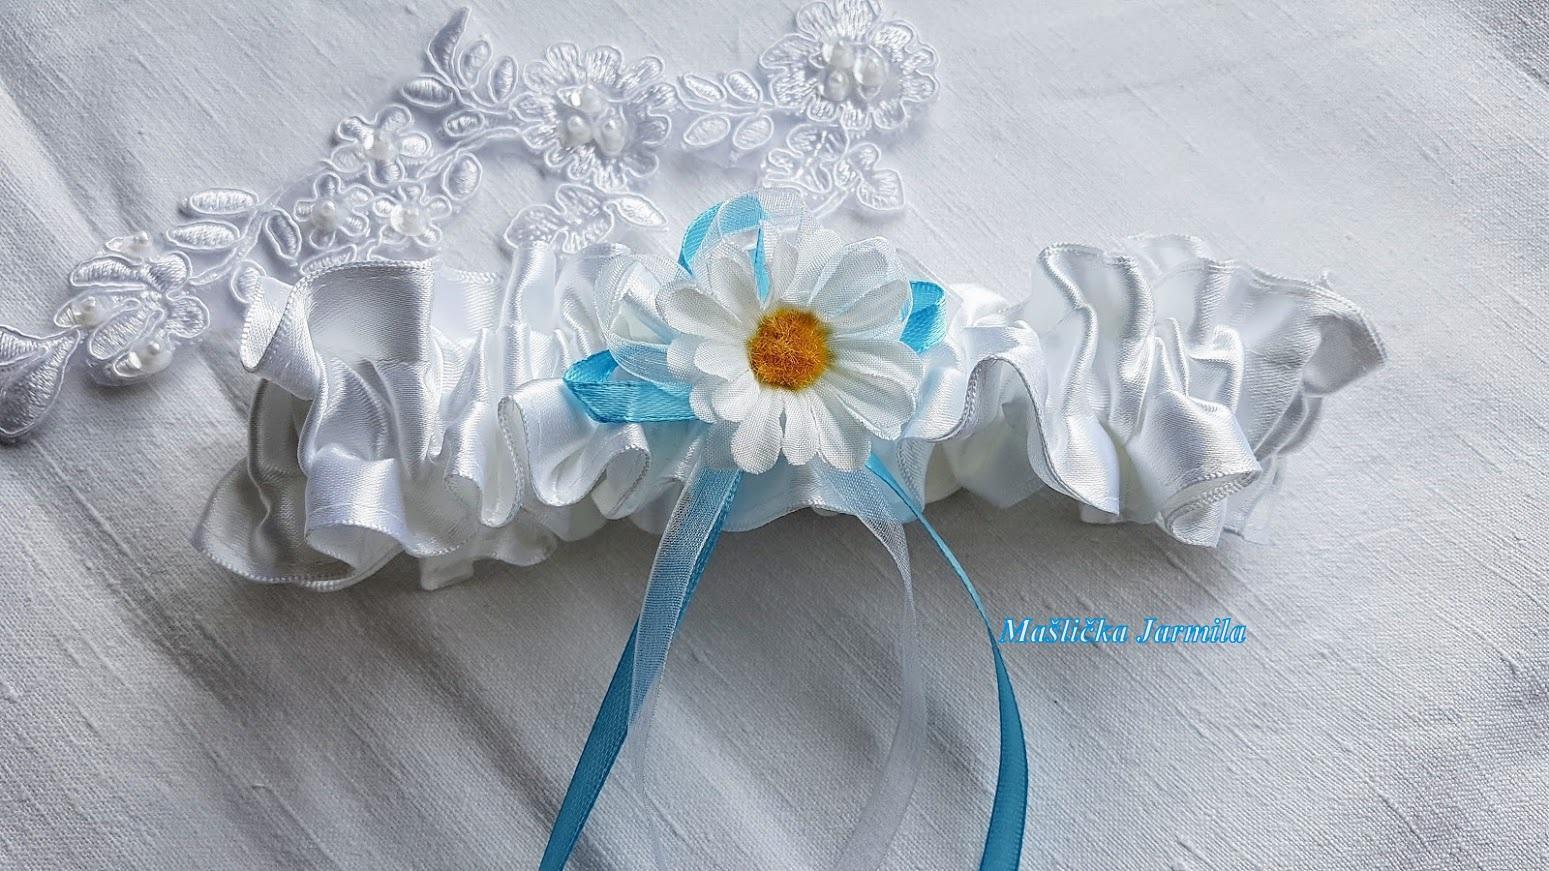 Svatební vývazky podvazky, polštářky a další drobnosti... - Obrázek č. 3